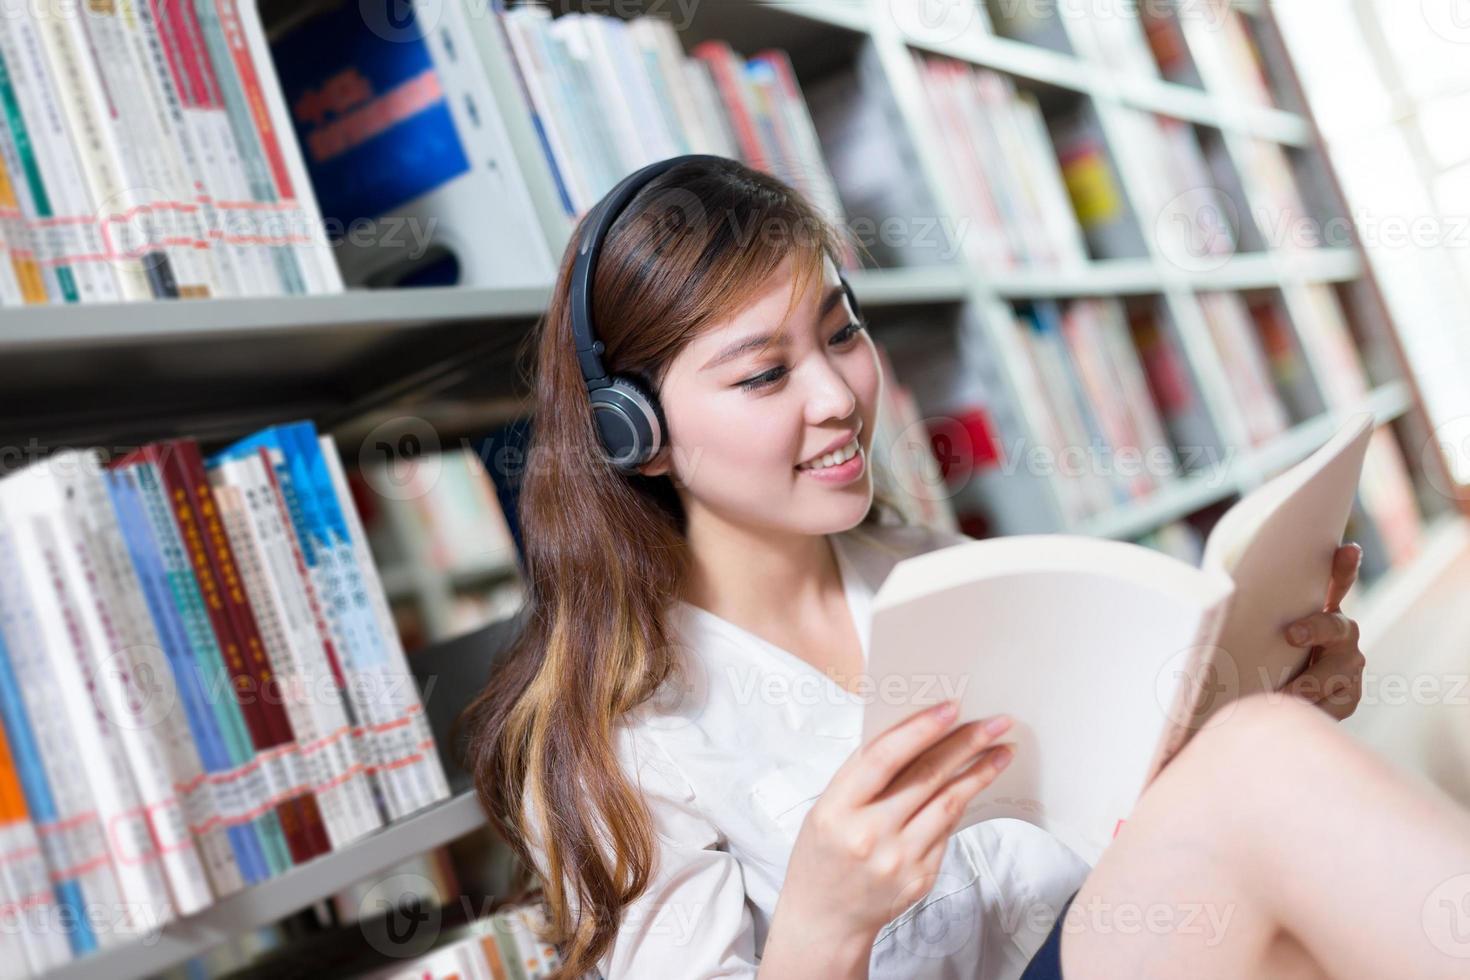 asiatische schöne Studentin studieren in der Bibliothek foto